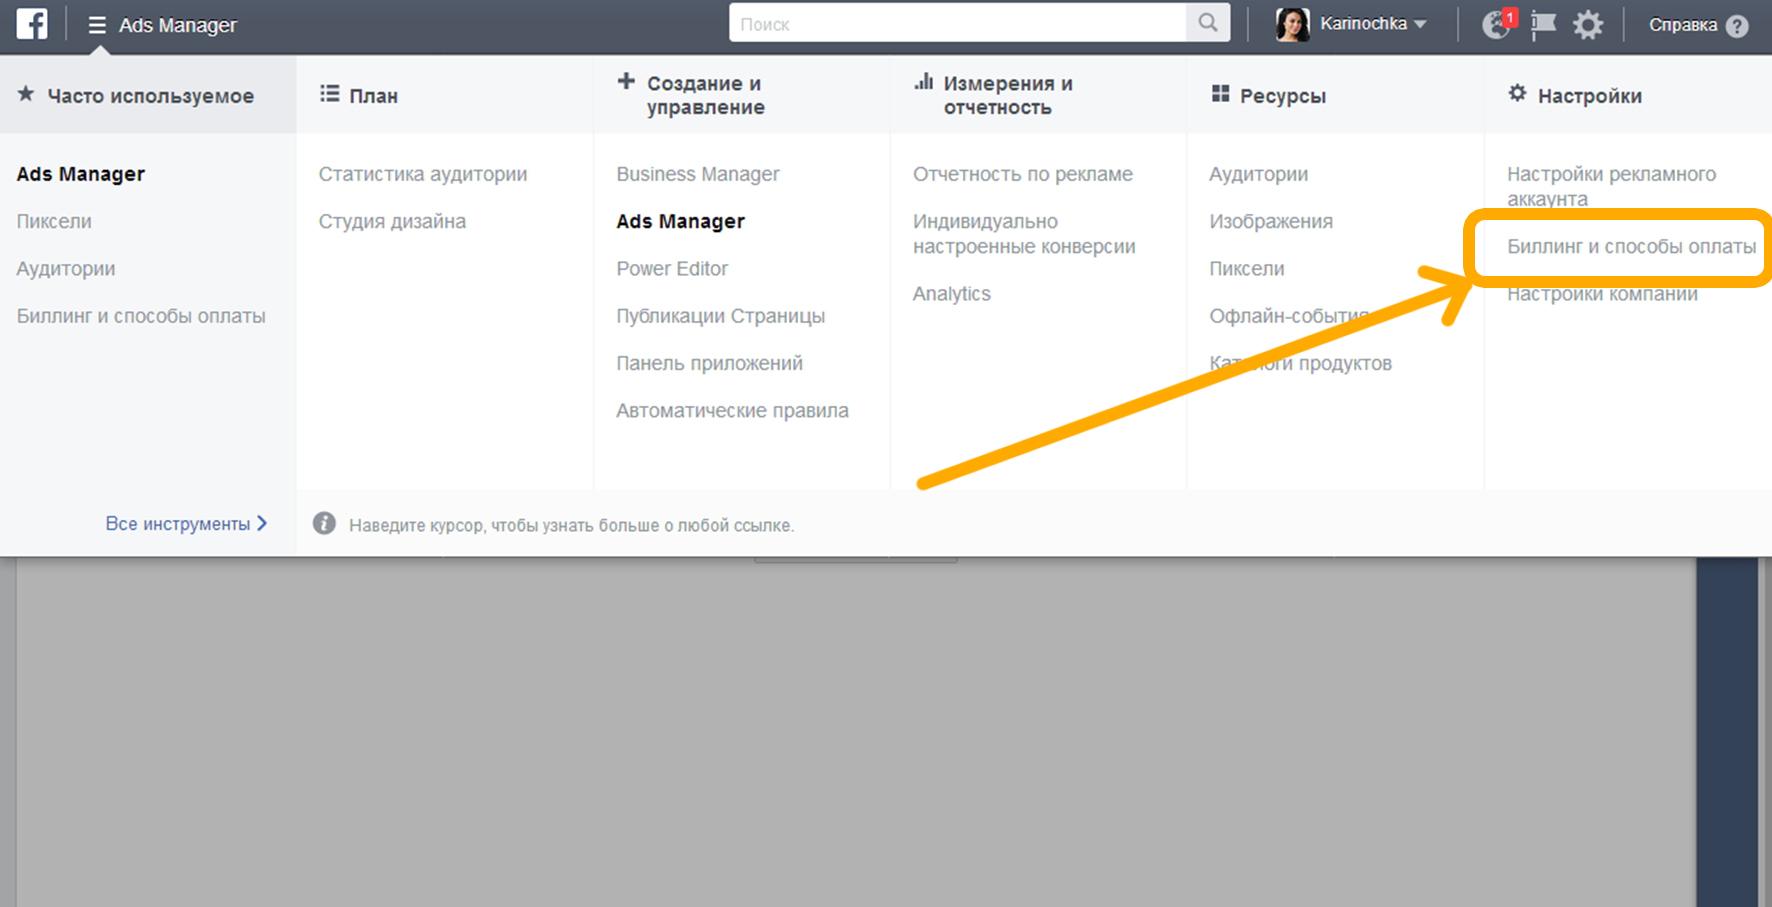 Пояснение для пользователя, на что нужно нажать, чтобы перейти в биллинг рекламного аккаунта